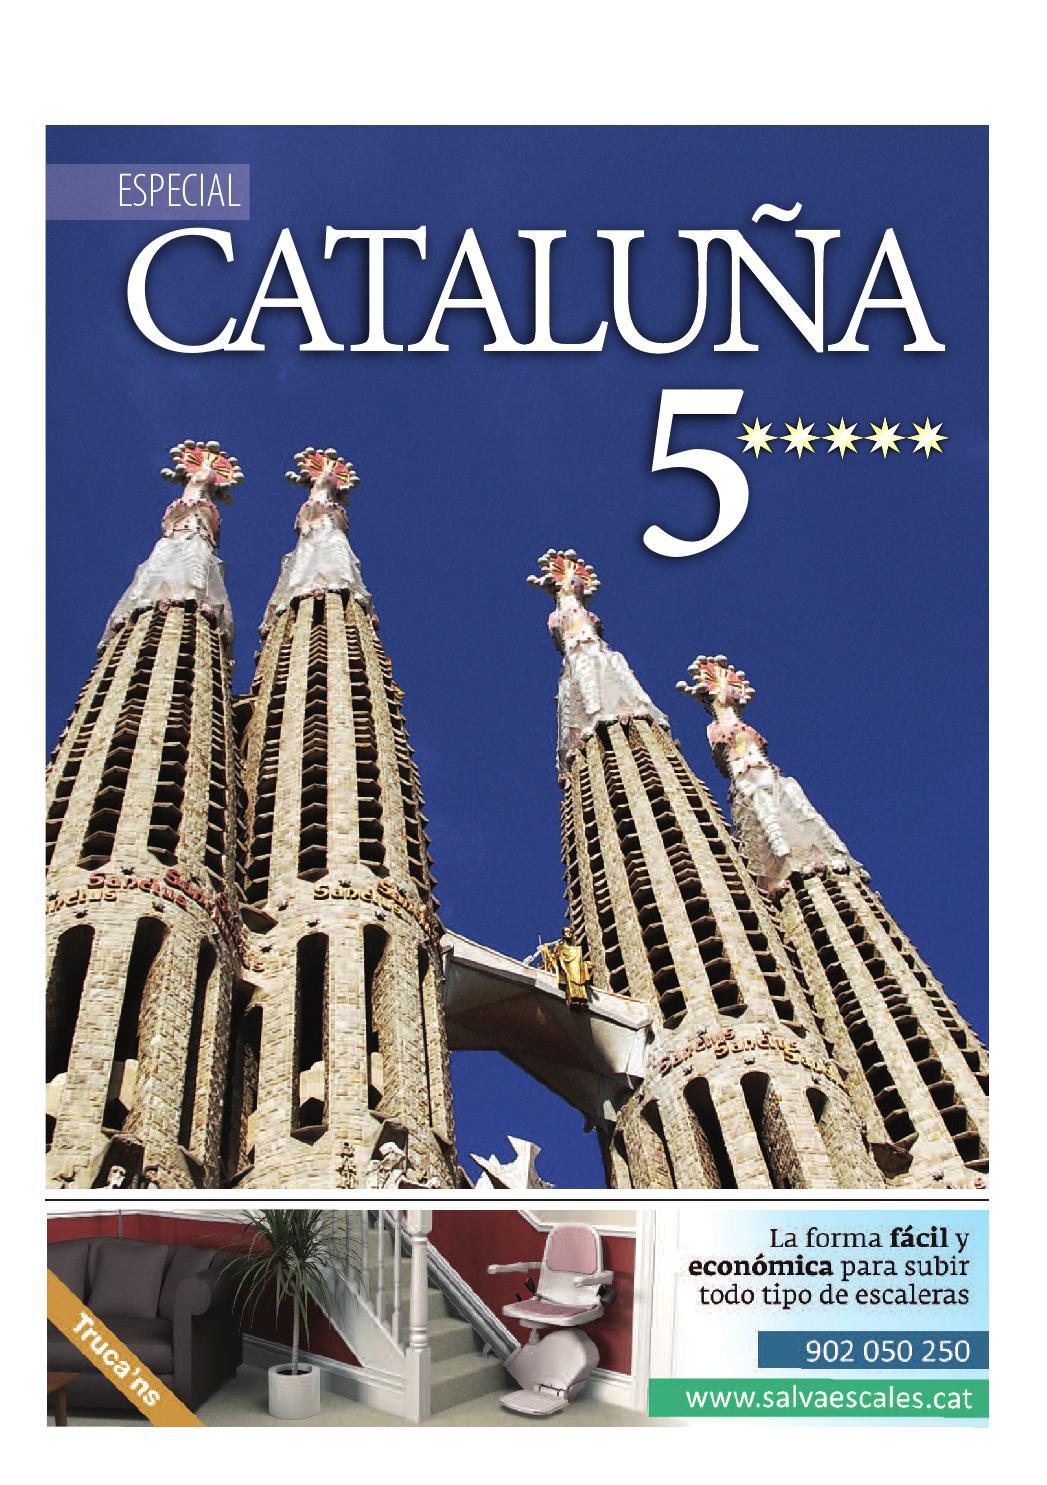 Catalunya Cinco Estrellas by Webguiadeprensa Guia Prensa - issuu